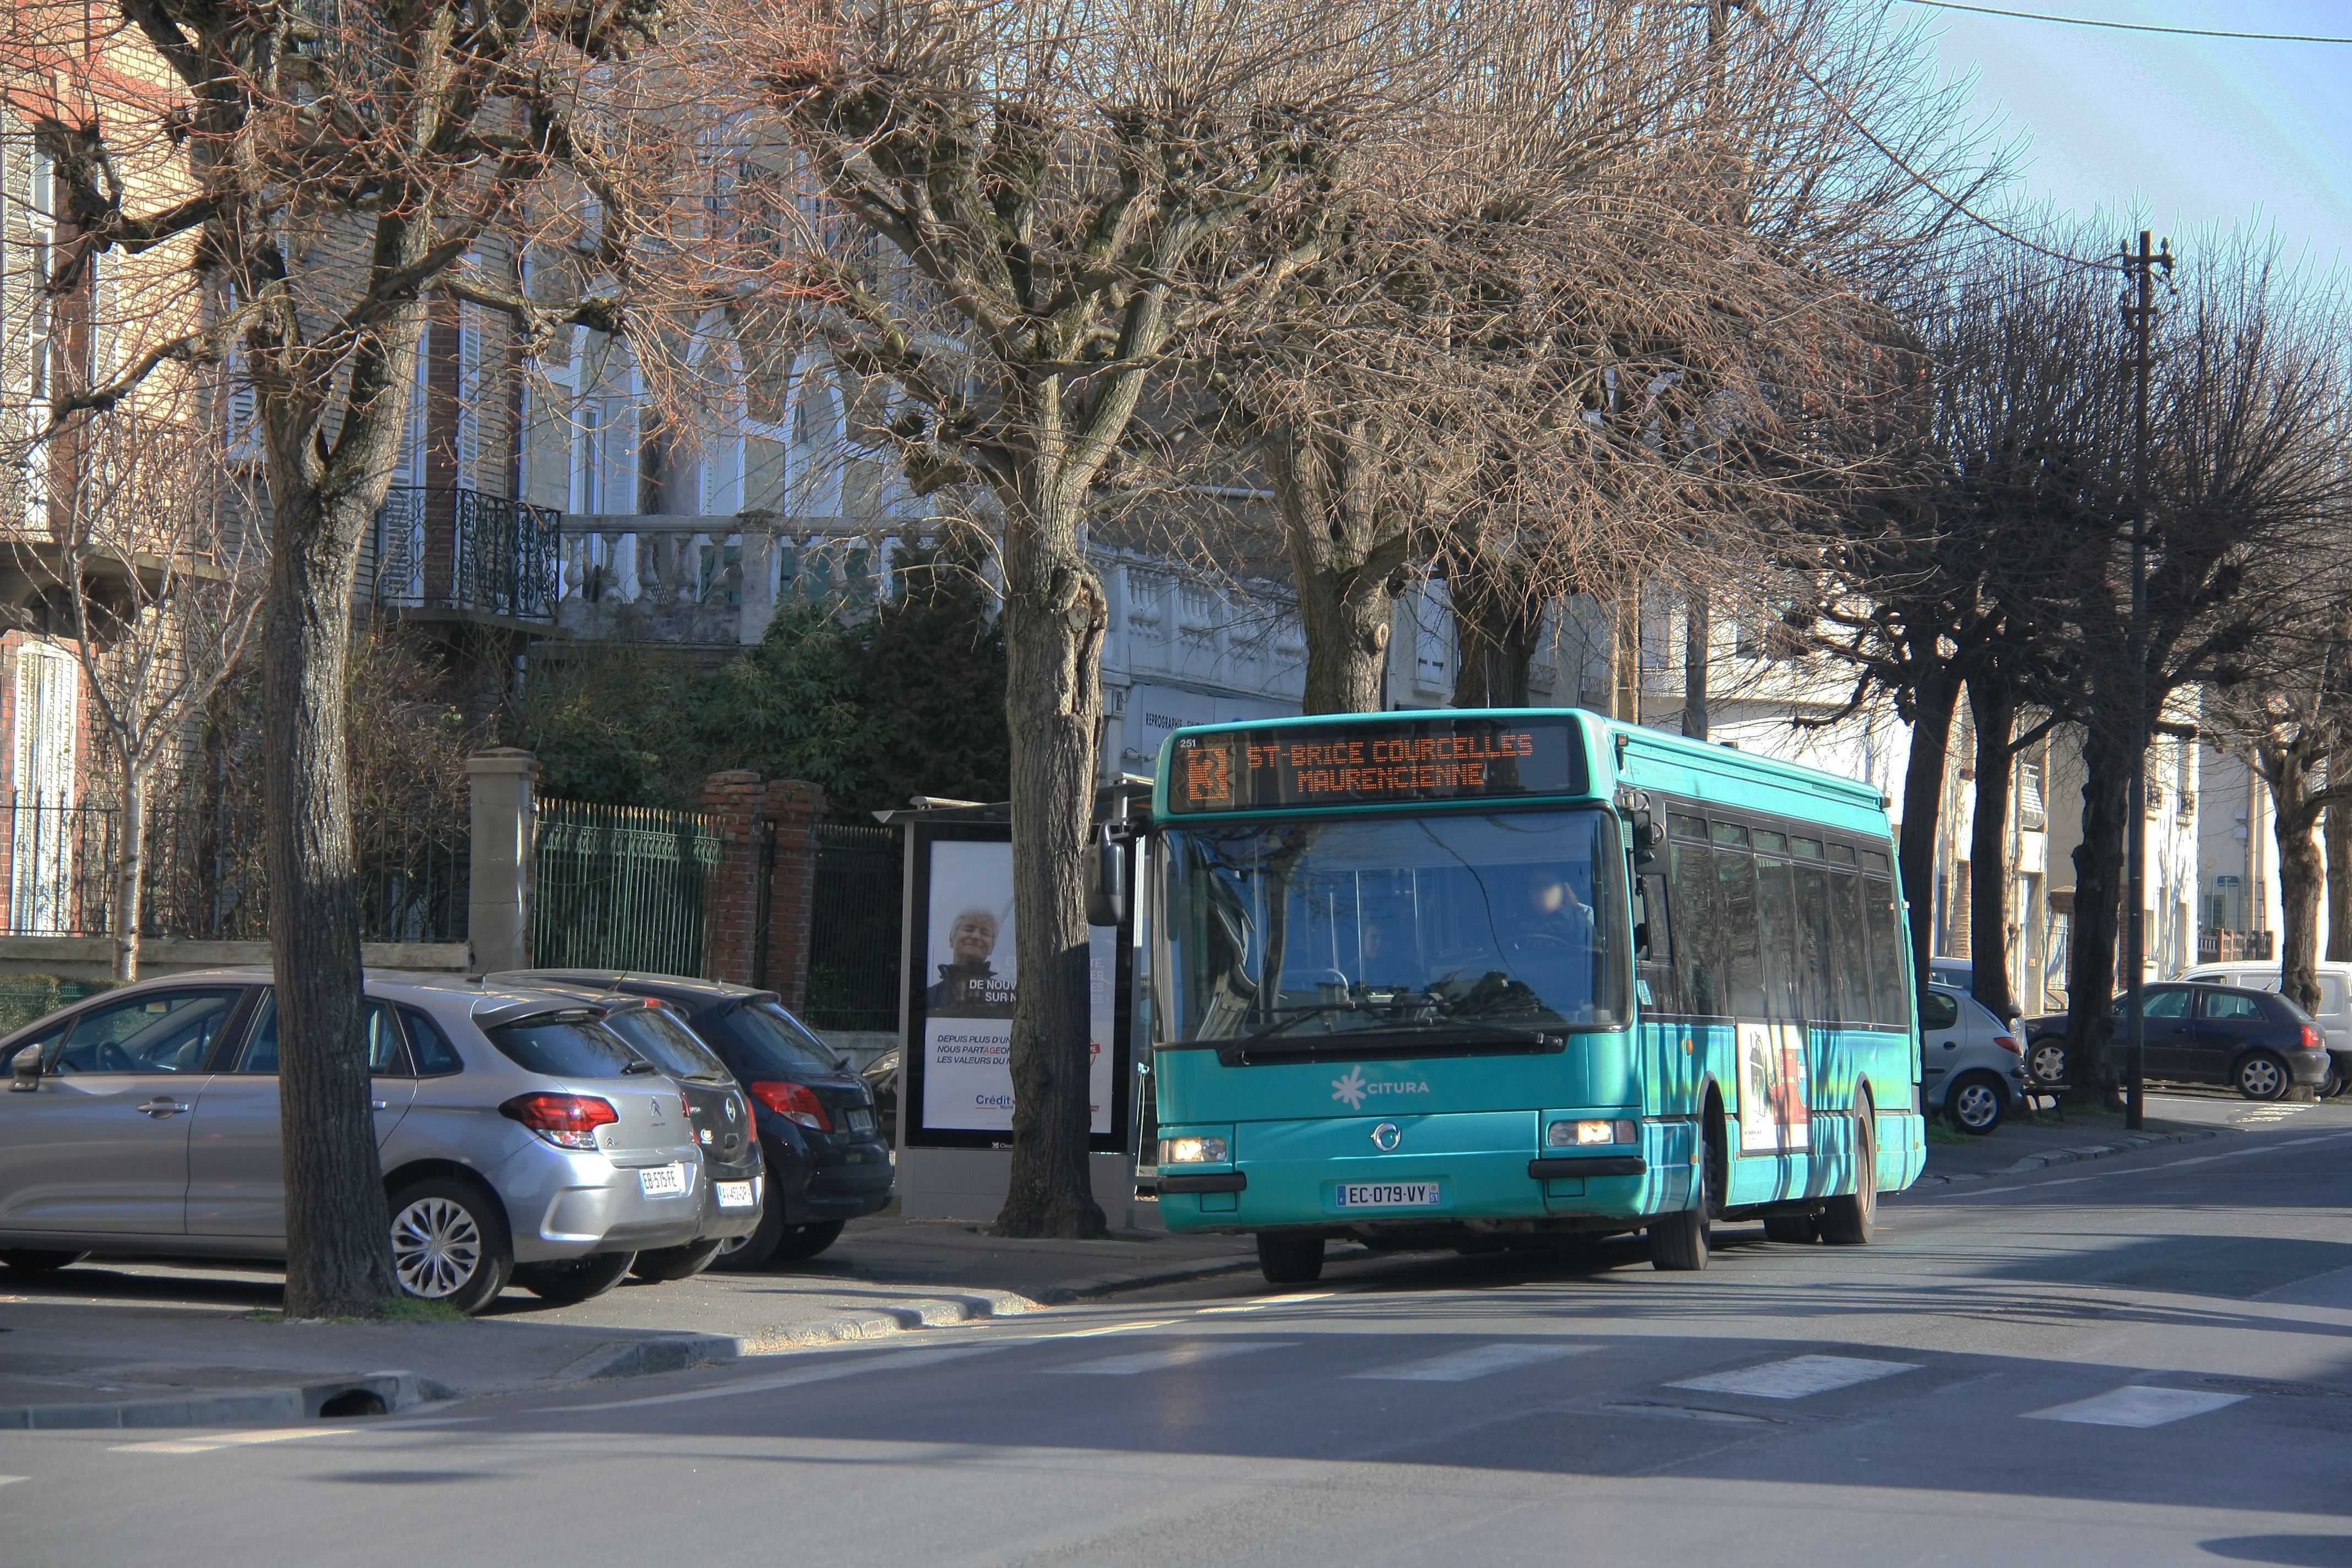 CITURA - Irisbus Agora S n°251 - Ligne 3, Tree, Road, Car, Building, HQ Photo